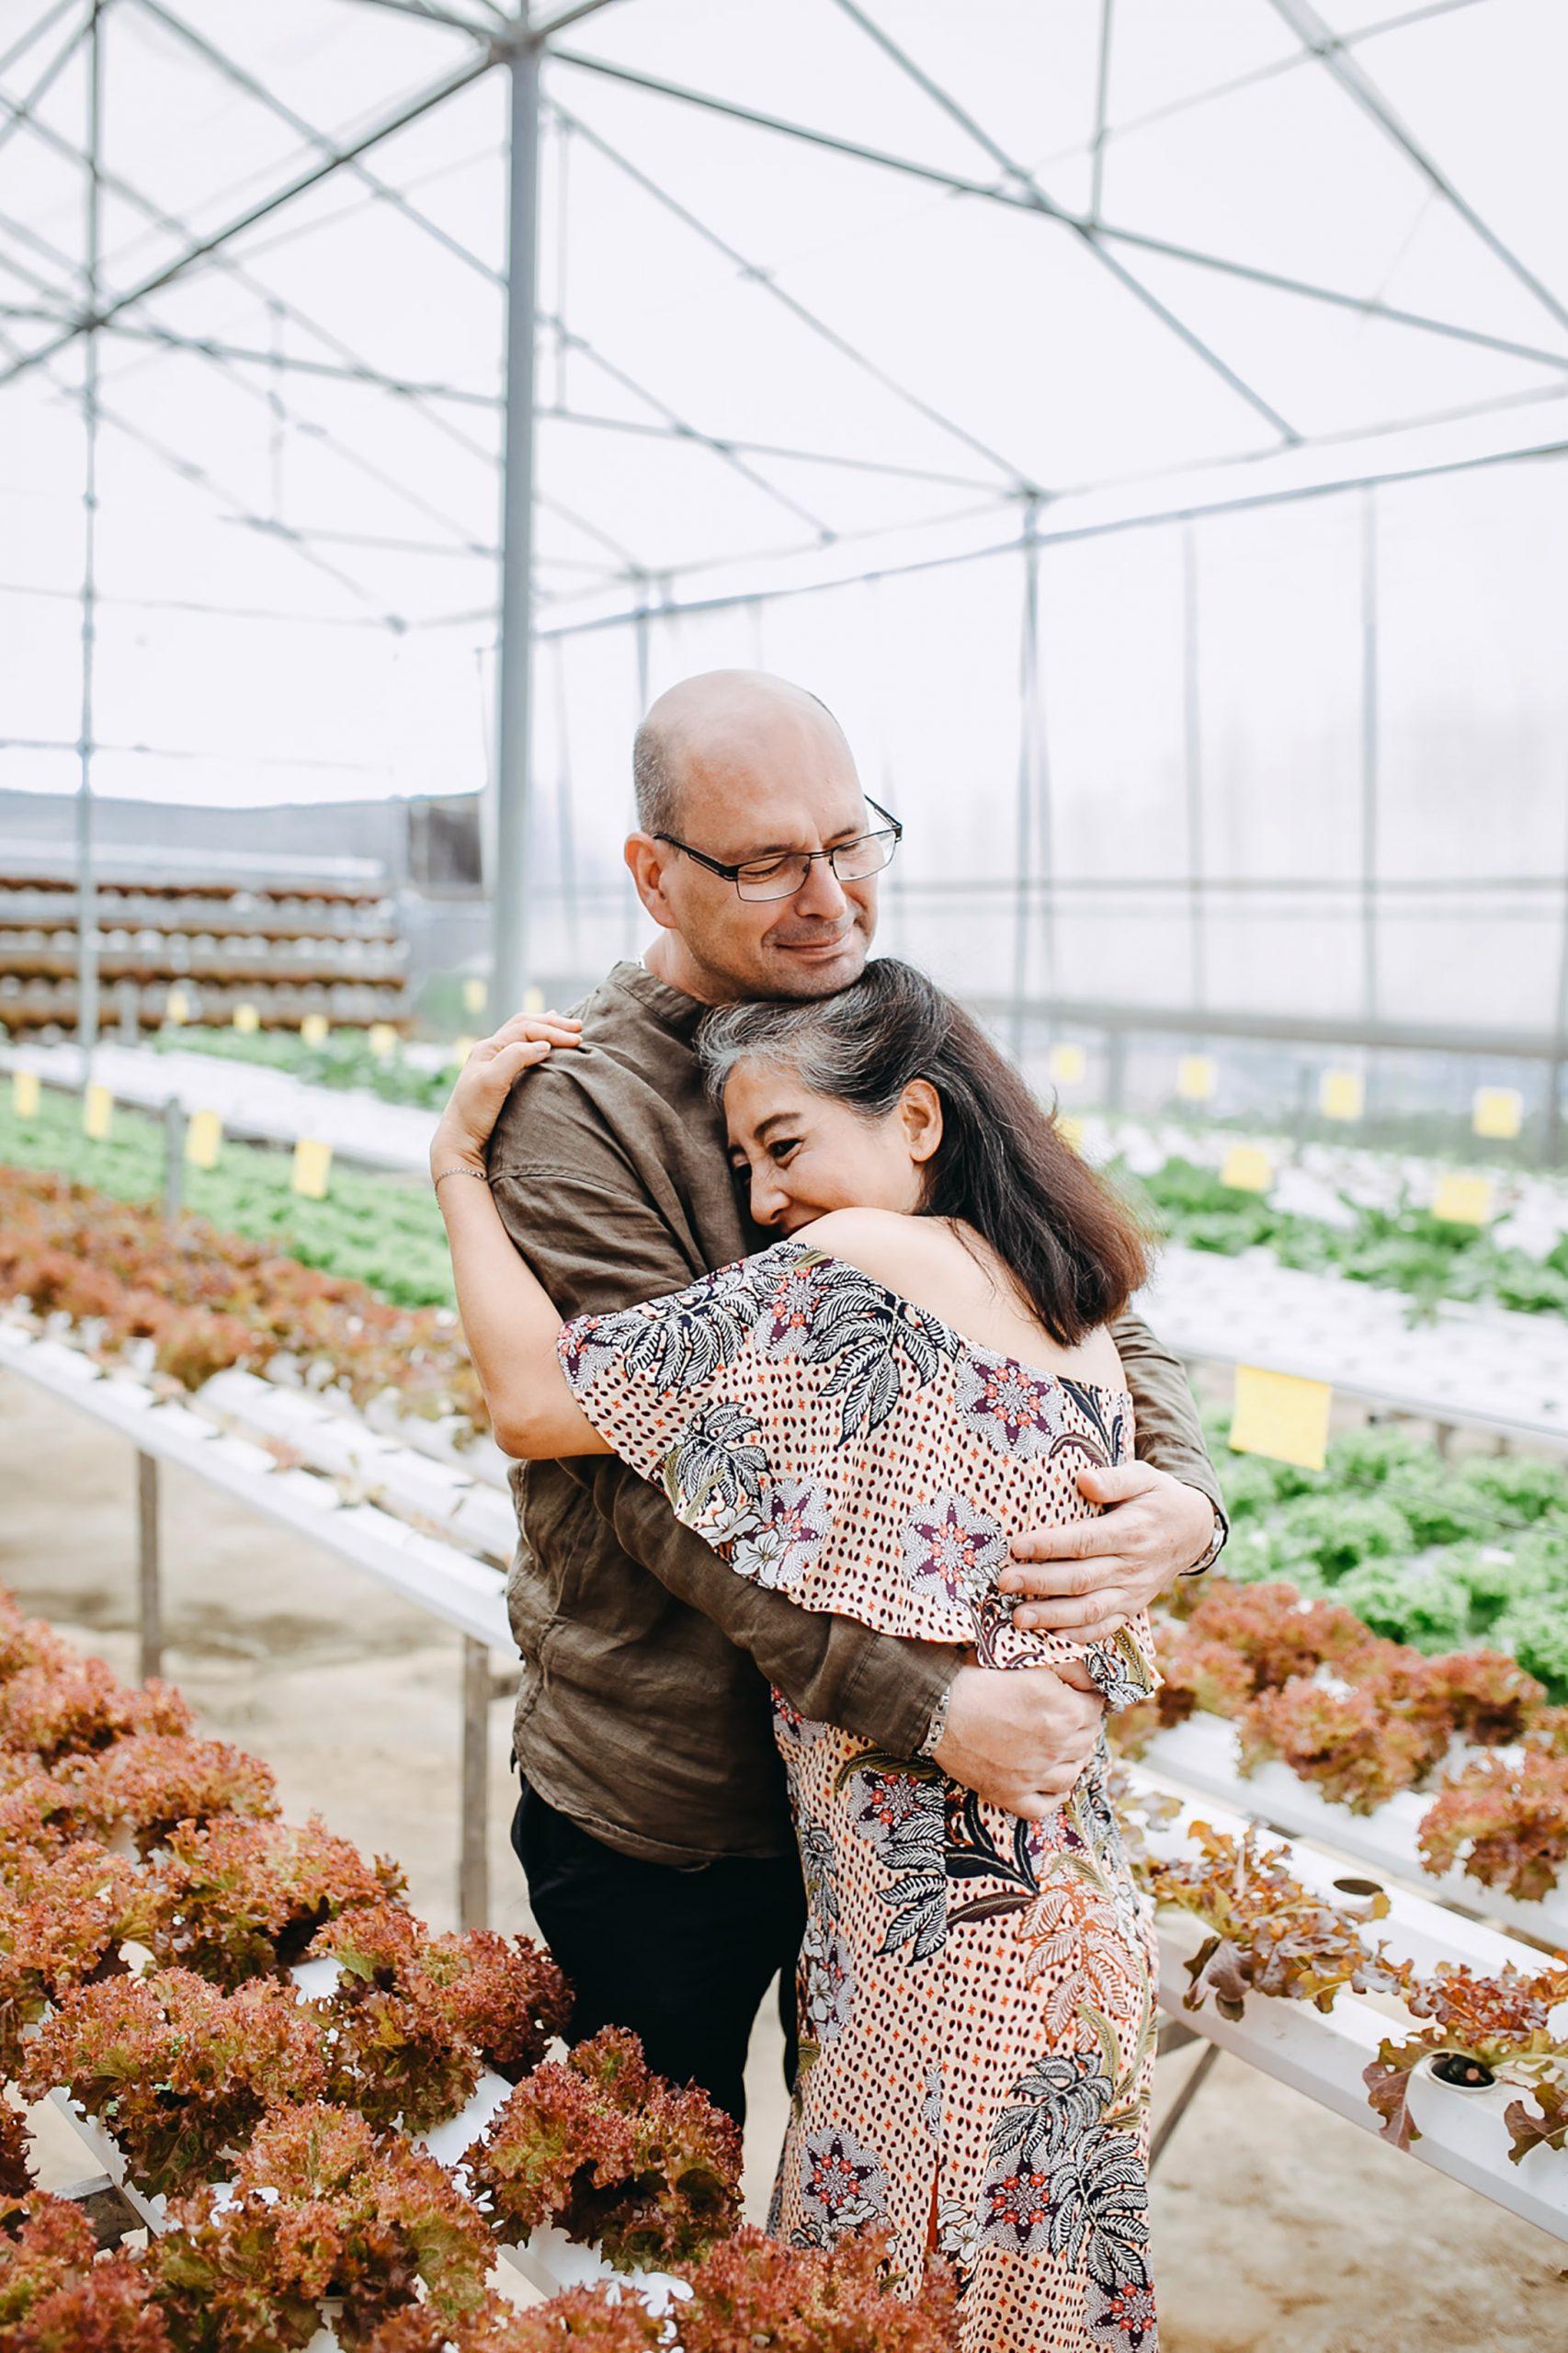 OlderCouple.Hug.Greenhouse